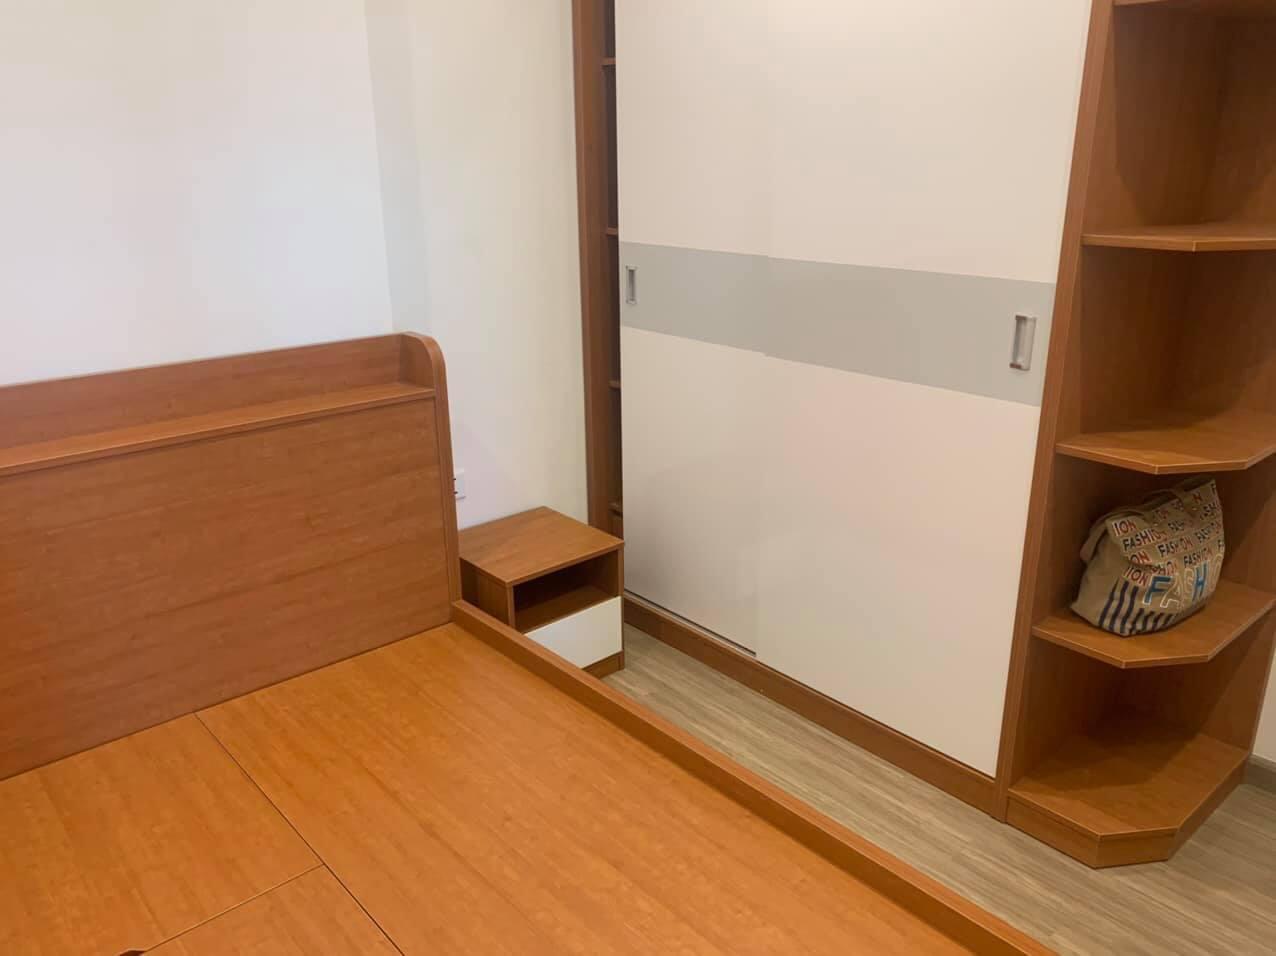 Căn hộ 1 phòng ngủ tầng 16 toà S2.02 nội thất 6tr/tháng 1